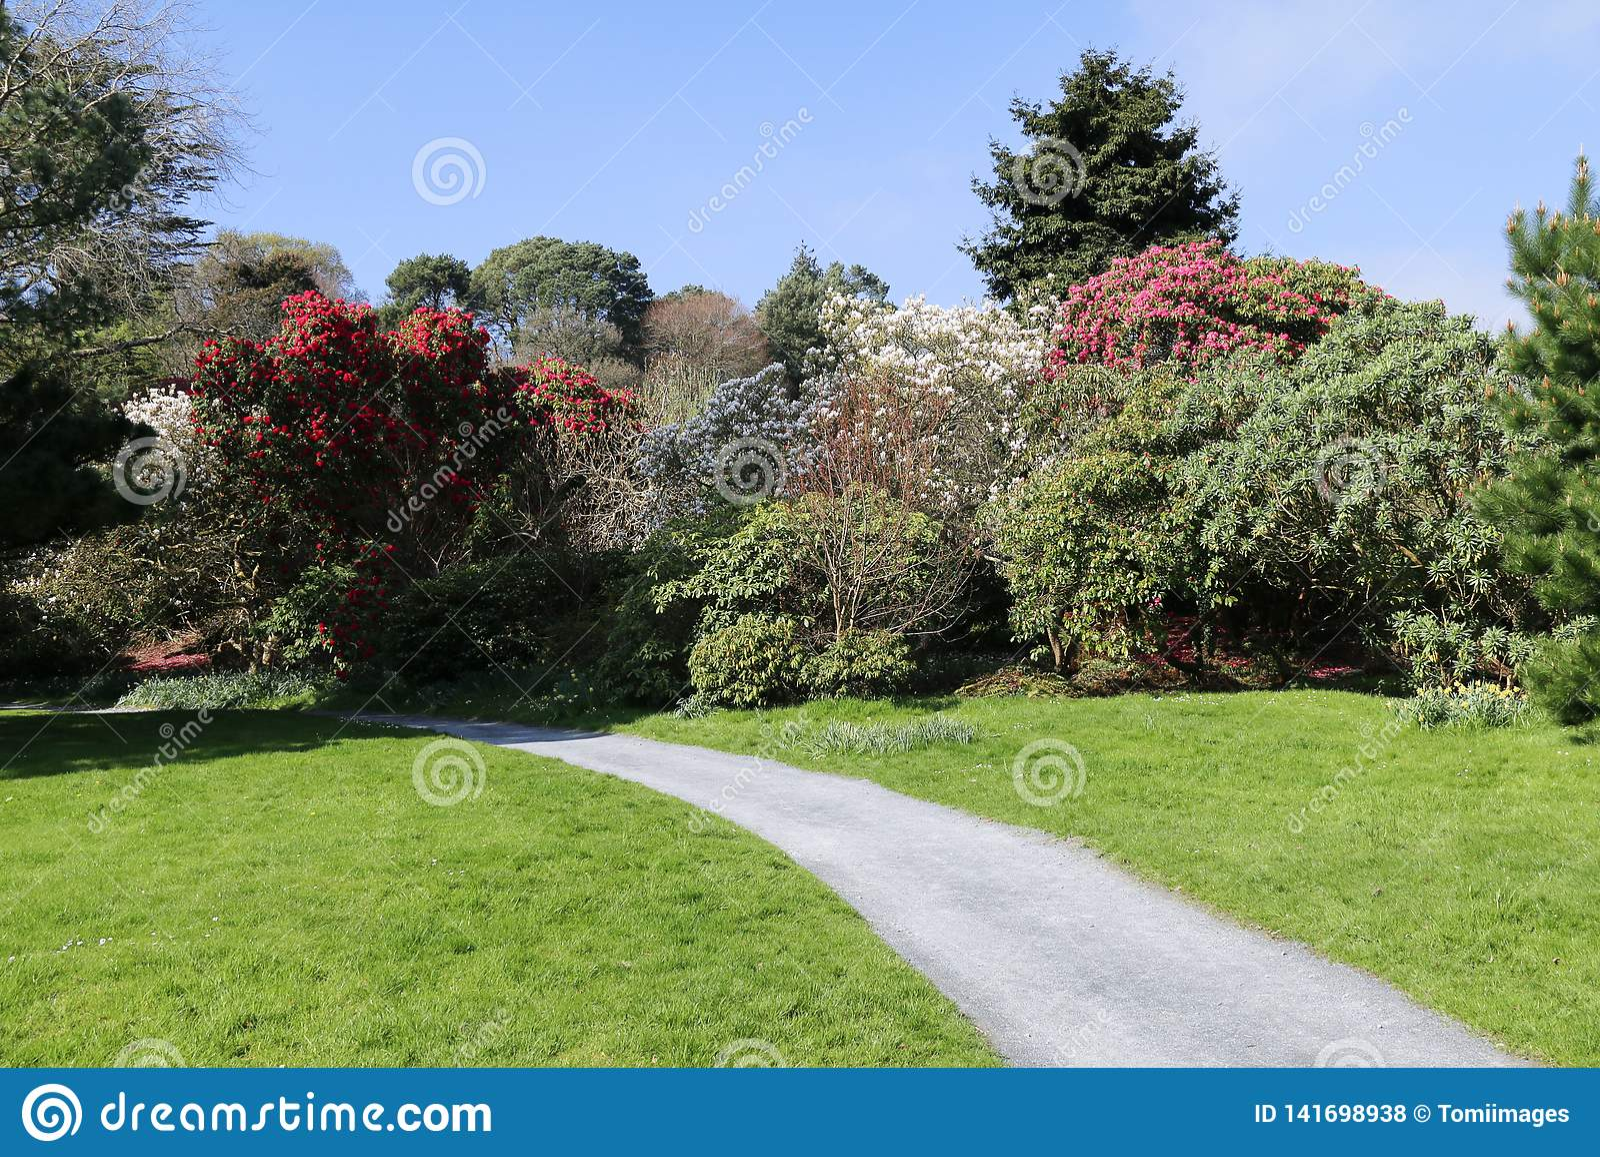 A Gravel Garden Path Leading Through Grass Stock Photo Image Of